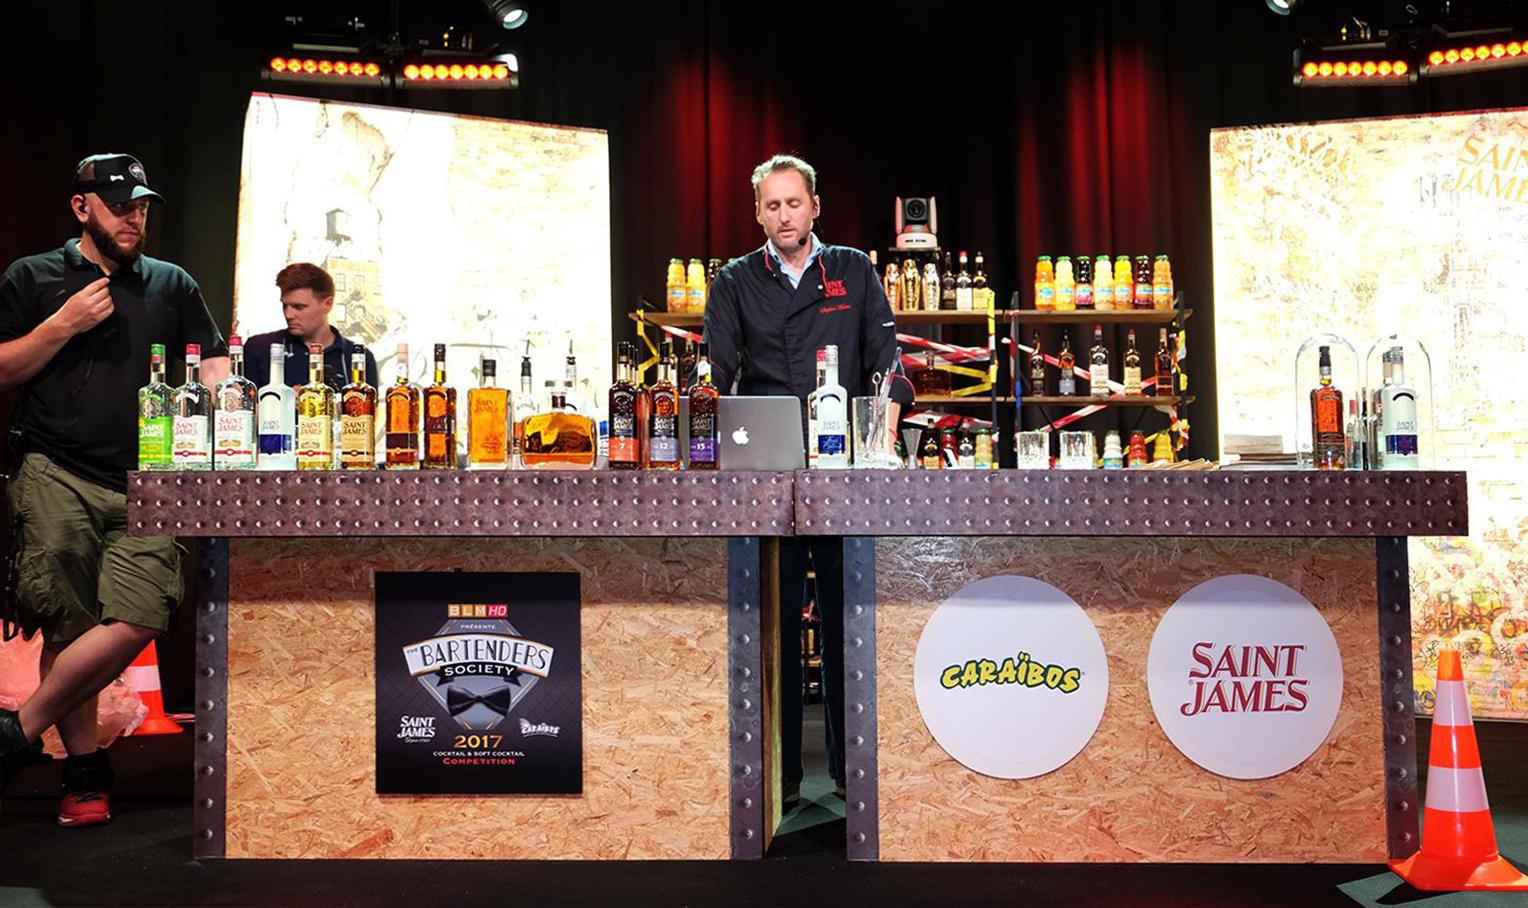 bartenders-society-bar-mobile-eccegusto copy